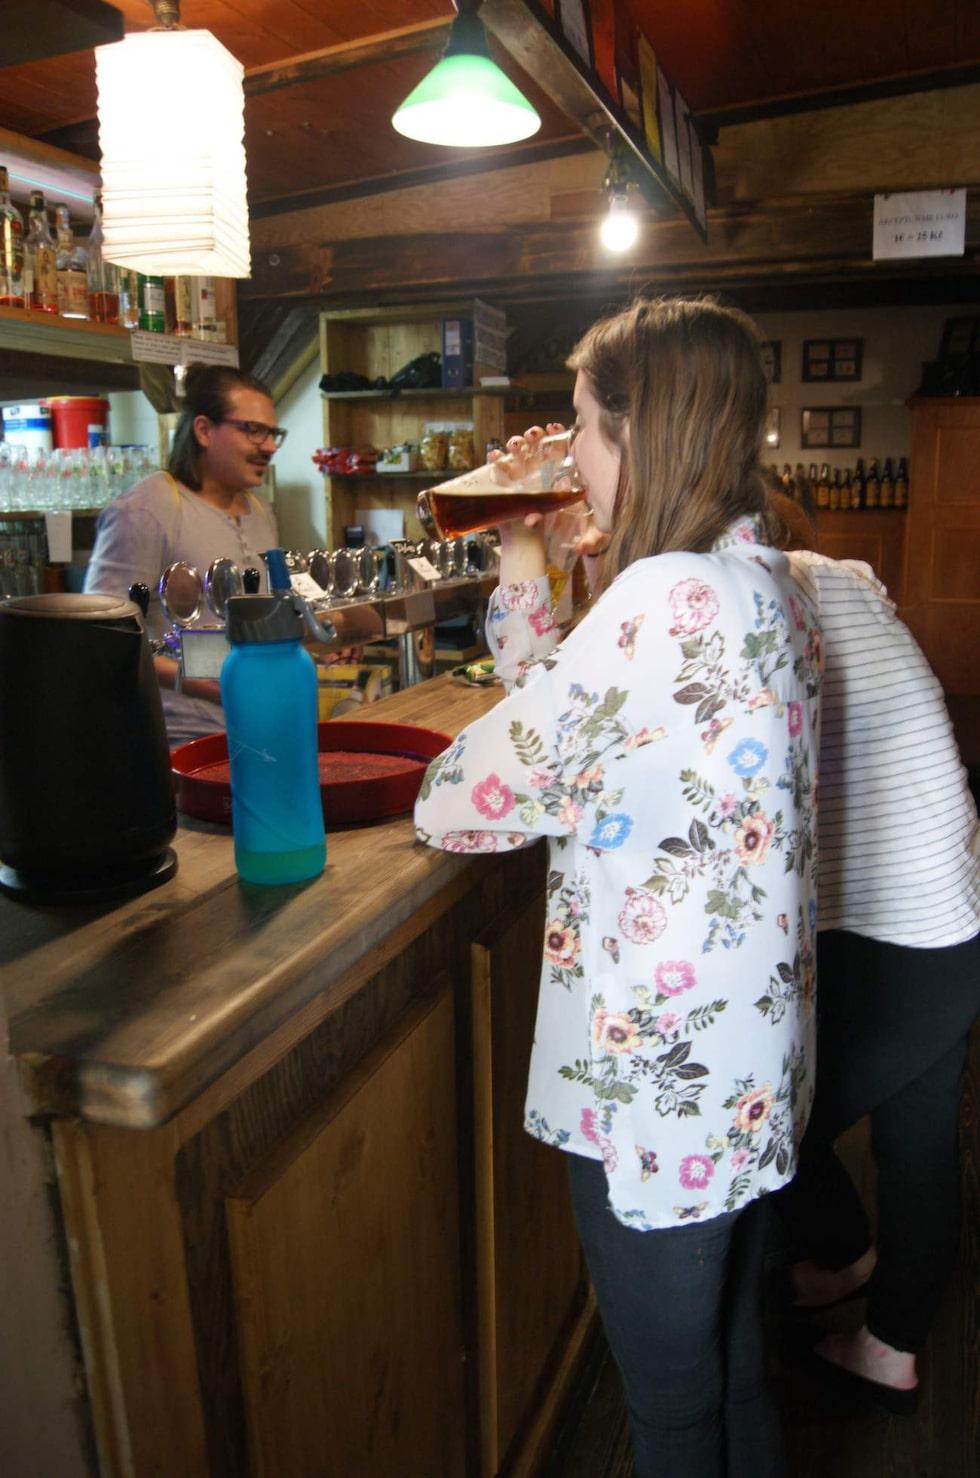 Zlý Casy är ett ölparadis i tre våningar och en uteservering med sammanlagt 48 olika öltappar samt en ölbutik.